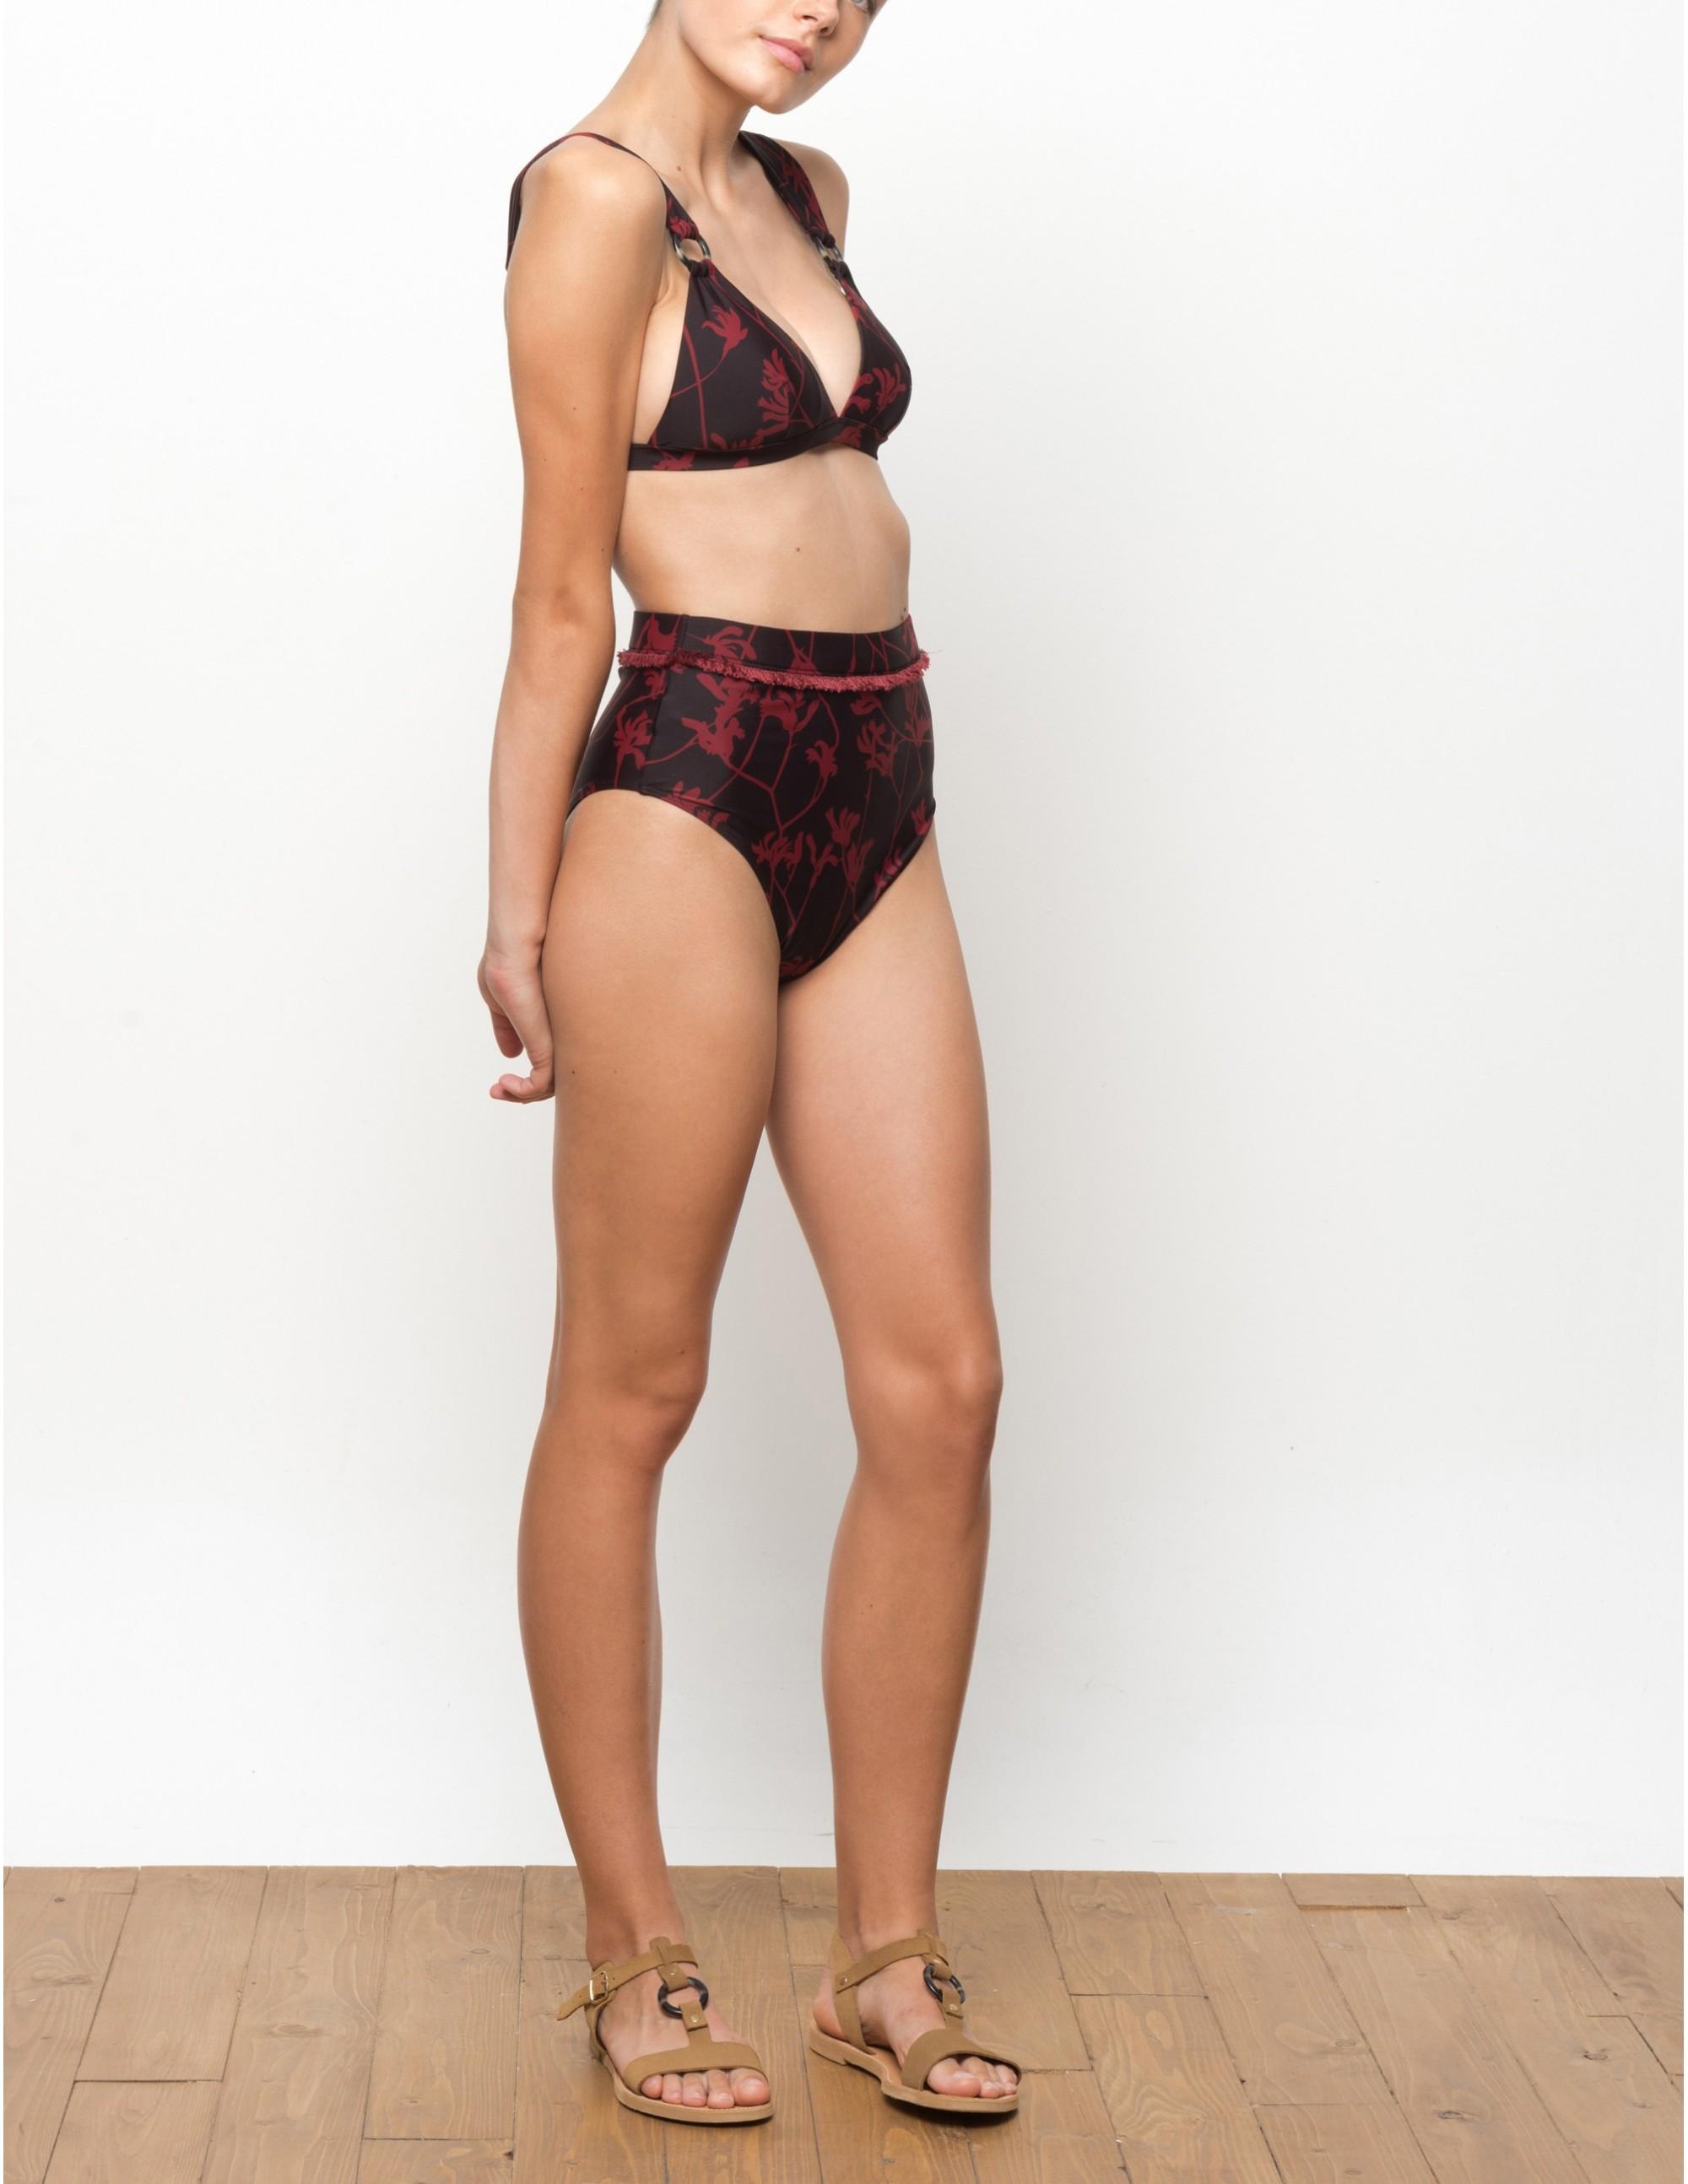 BAWE bikini top - FLAME LILLY